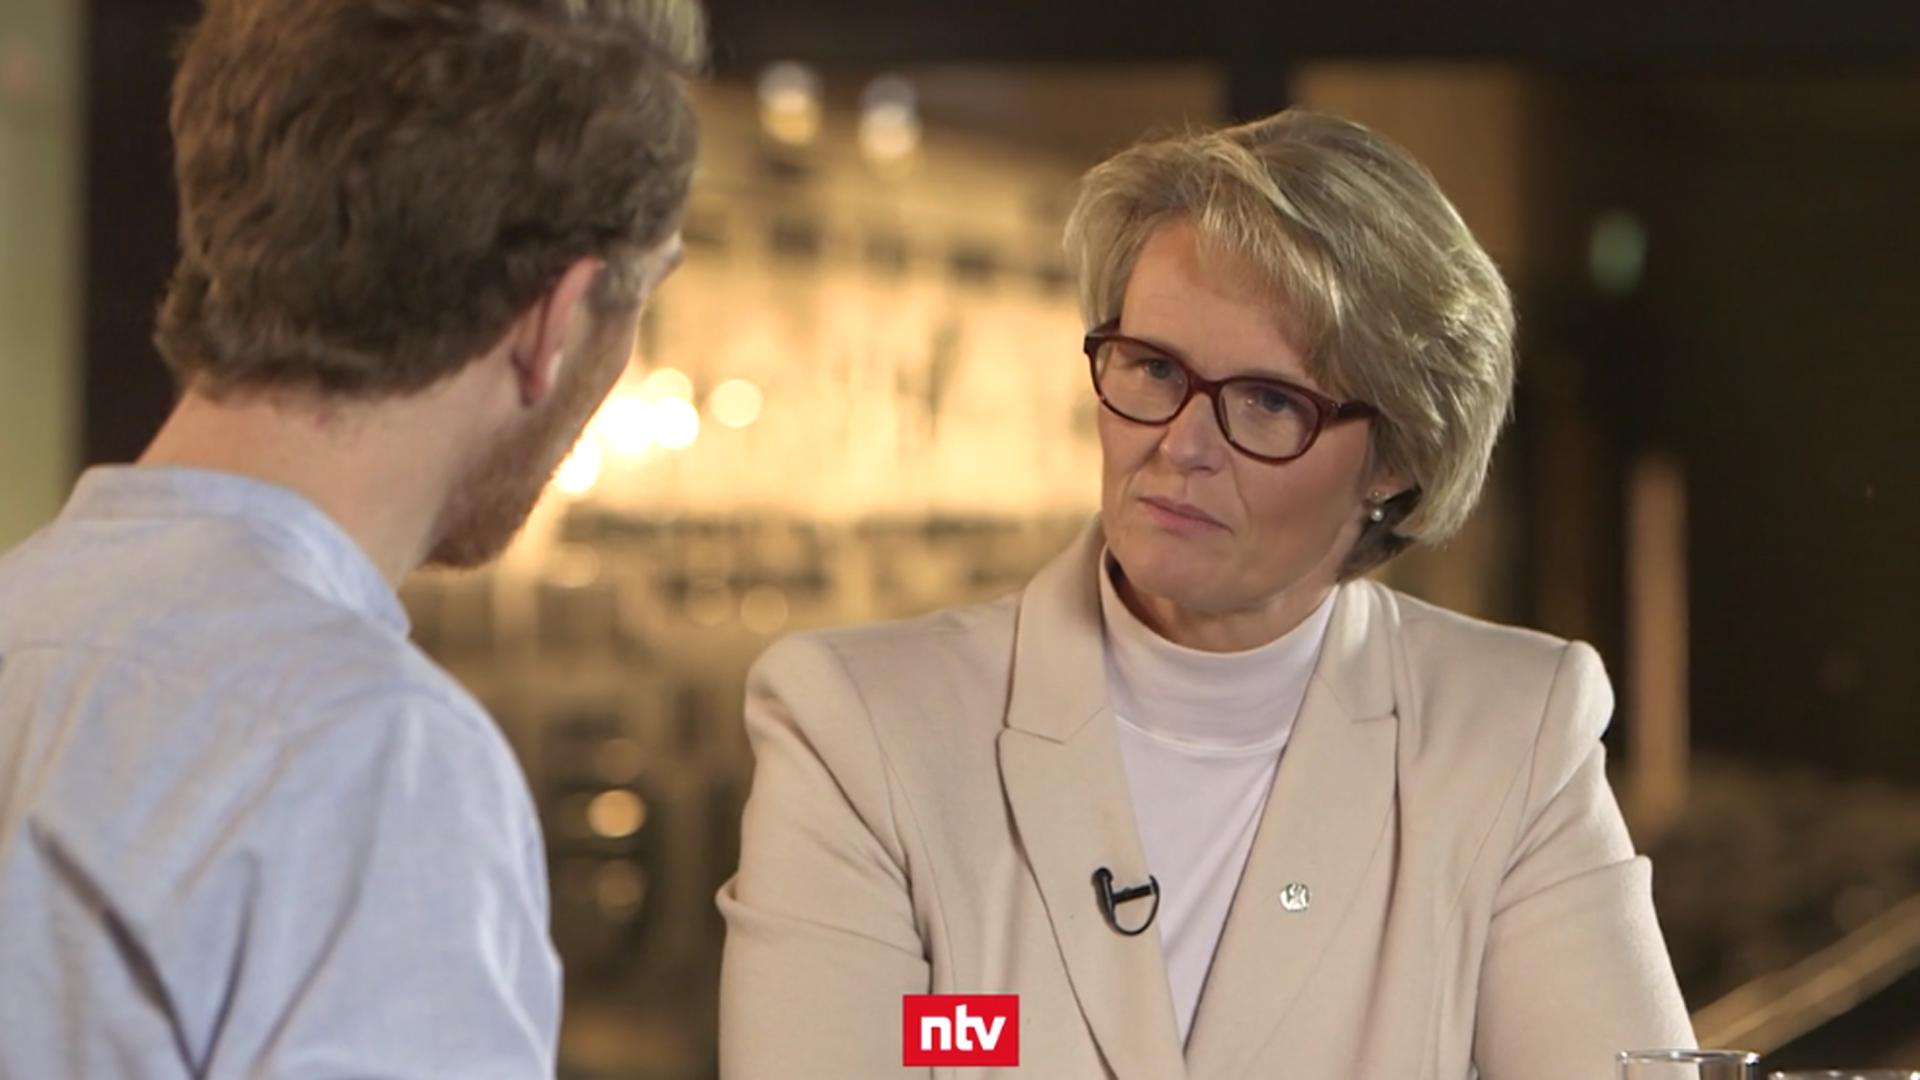 Bundesbildungsministerin Anja Karliczek (CDU) stellt sich den Fragen von Louis Klamroth